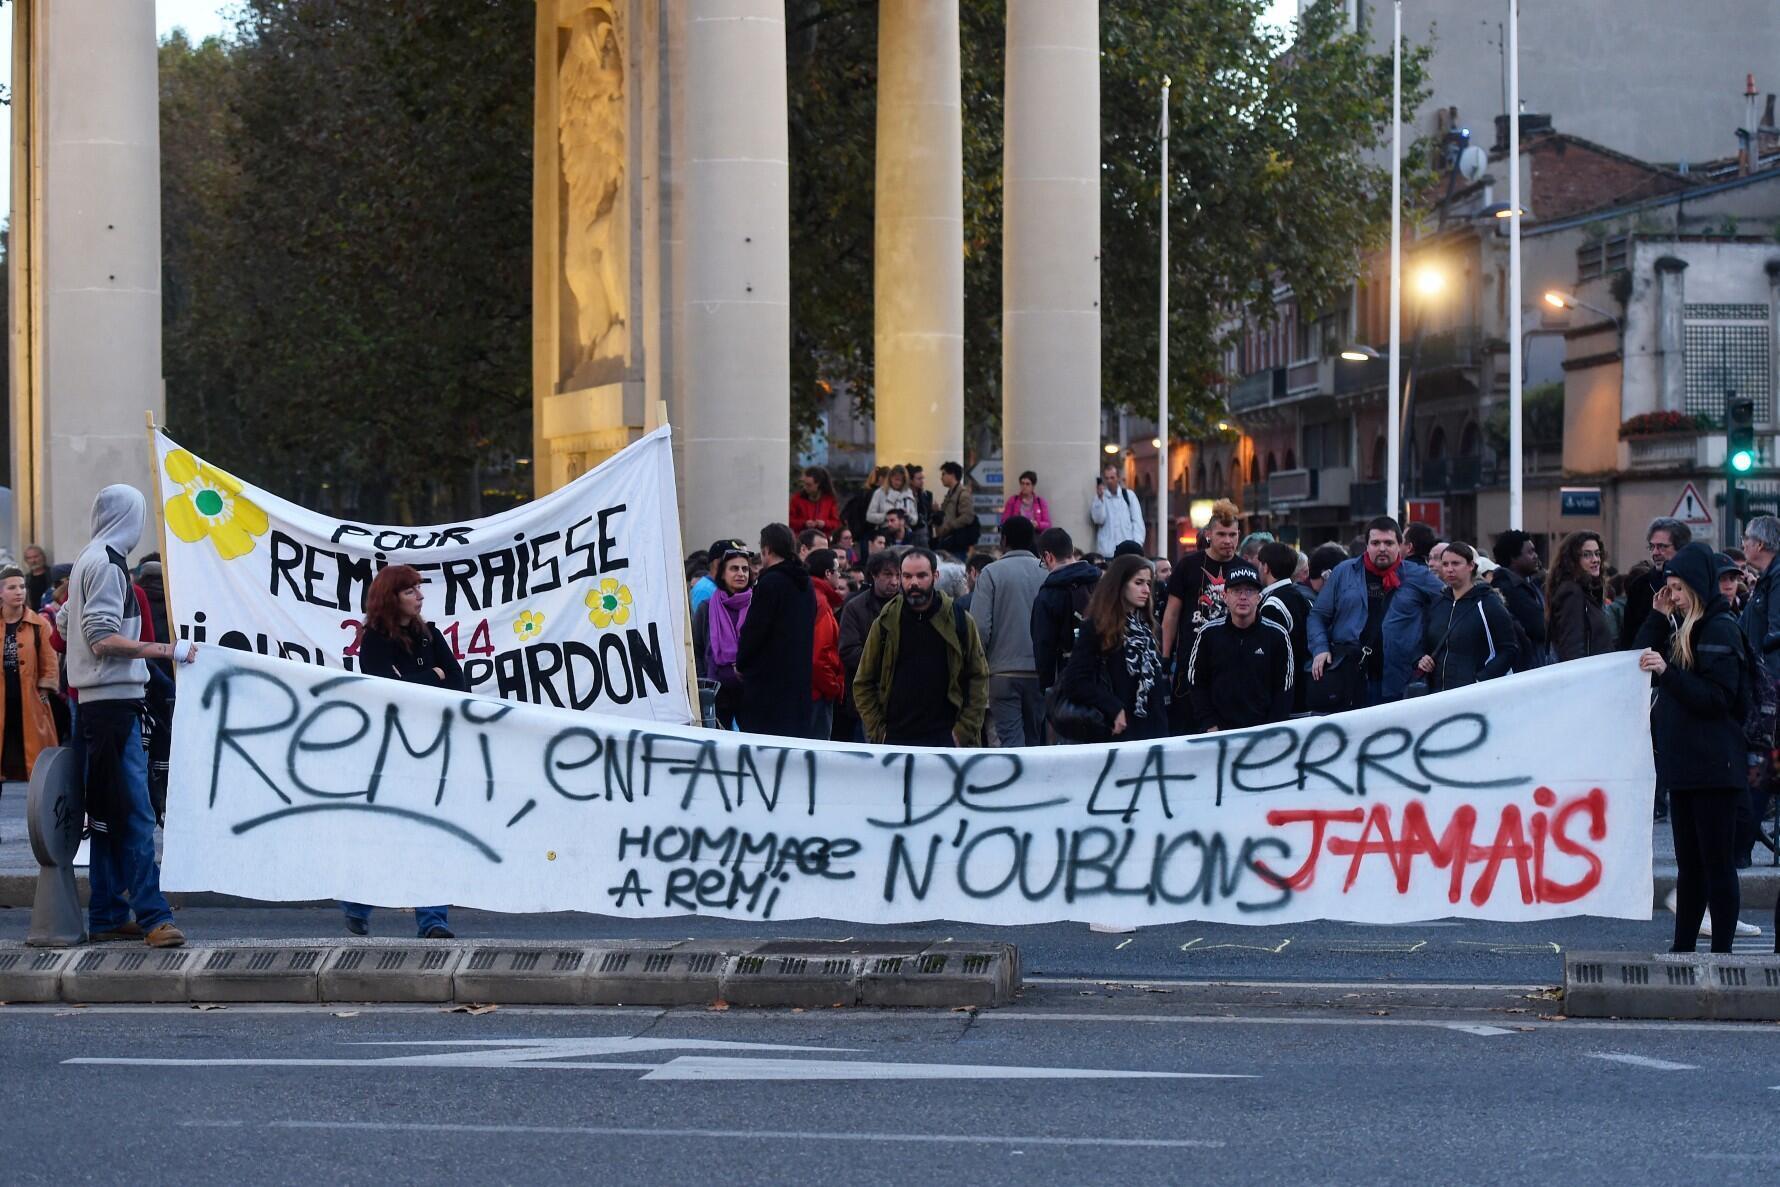 Manifestation Remy Fraisse